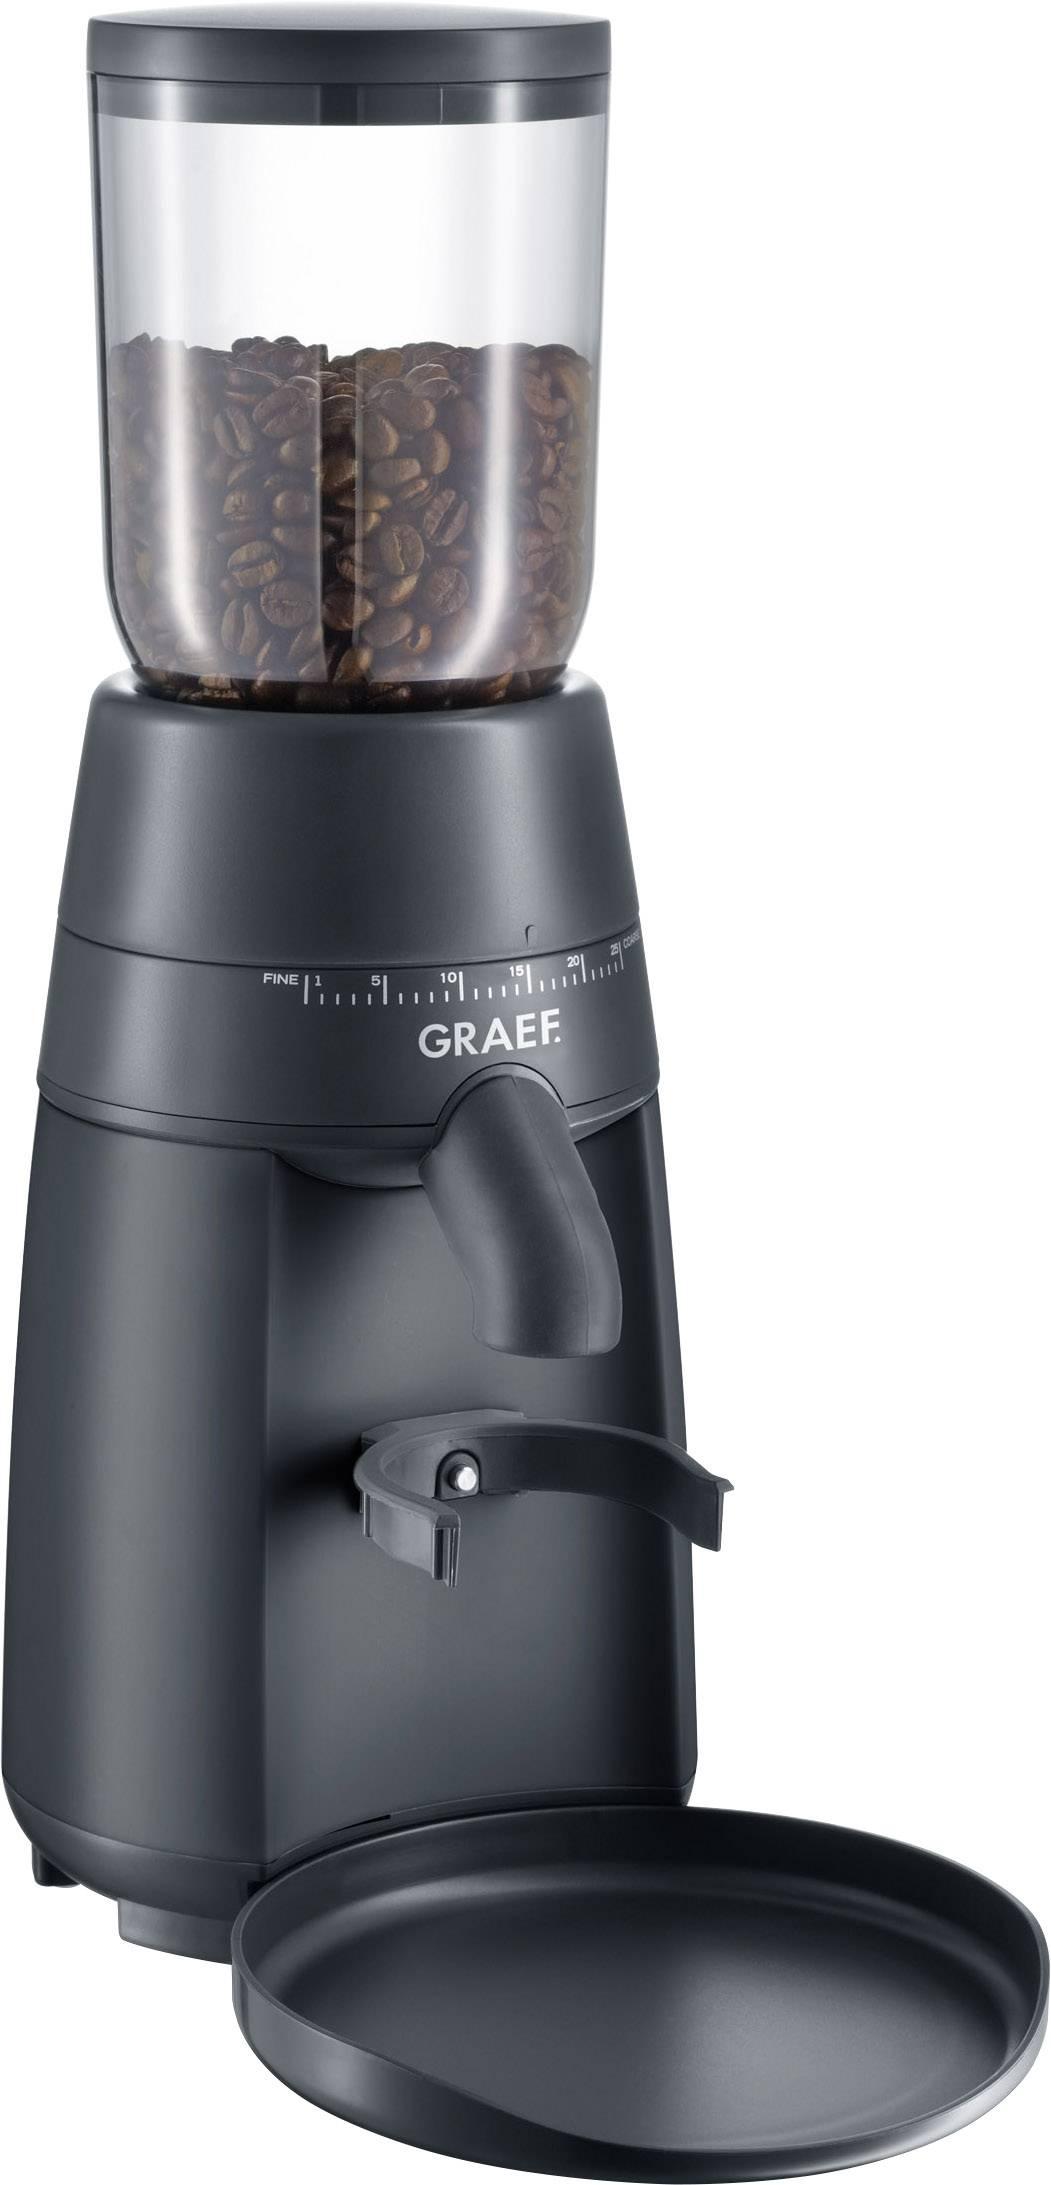 Graef CM702EU CM702EU mlinček za kavo črna kovinski stožčasti mlinček